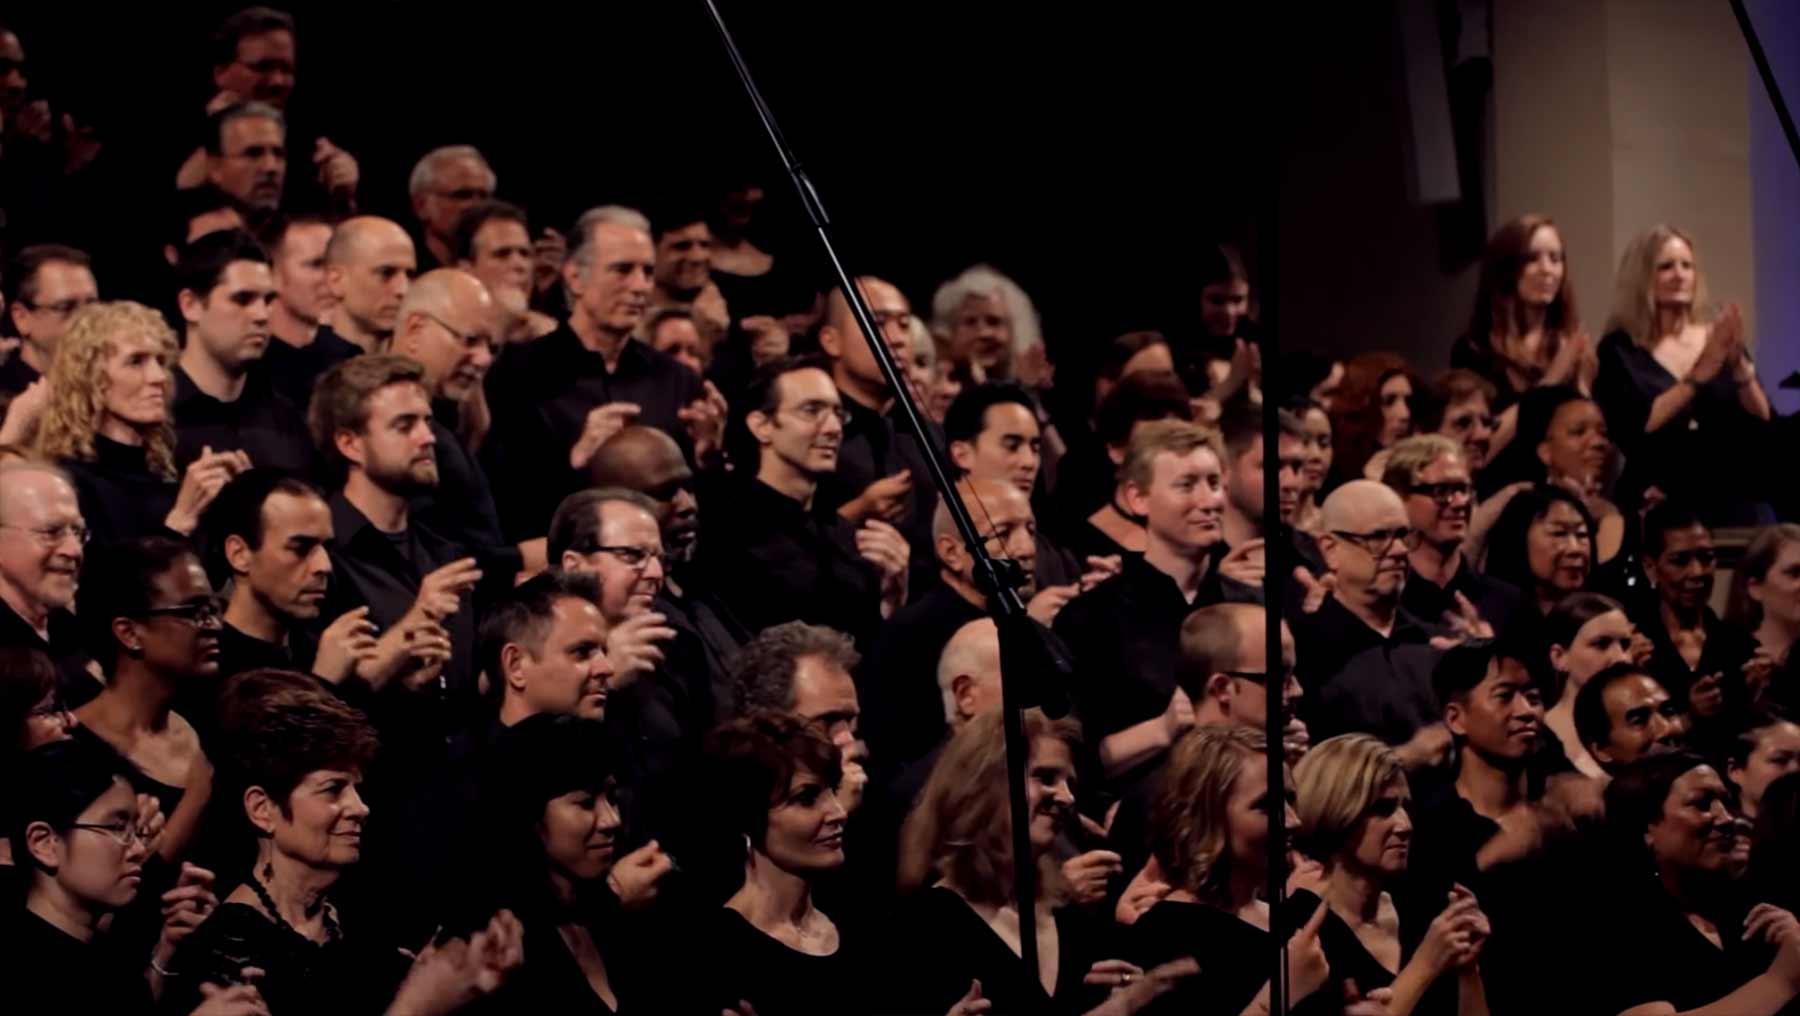 Dieser Chor imitiert perfekt ein aufkommendes Gewitter